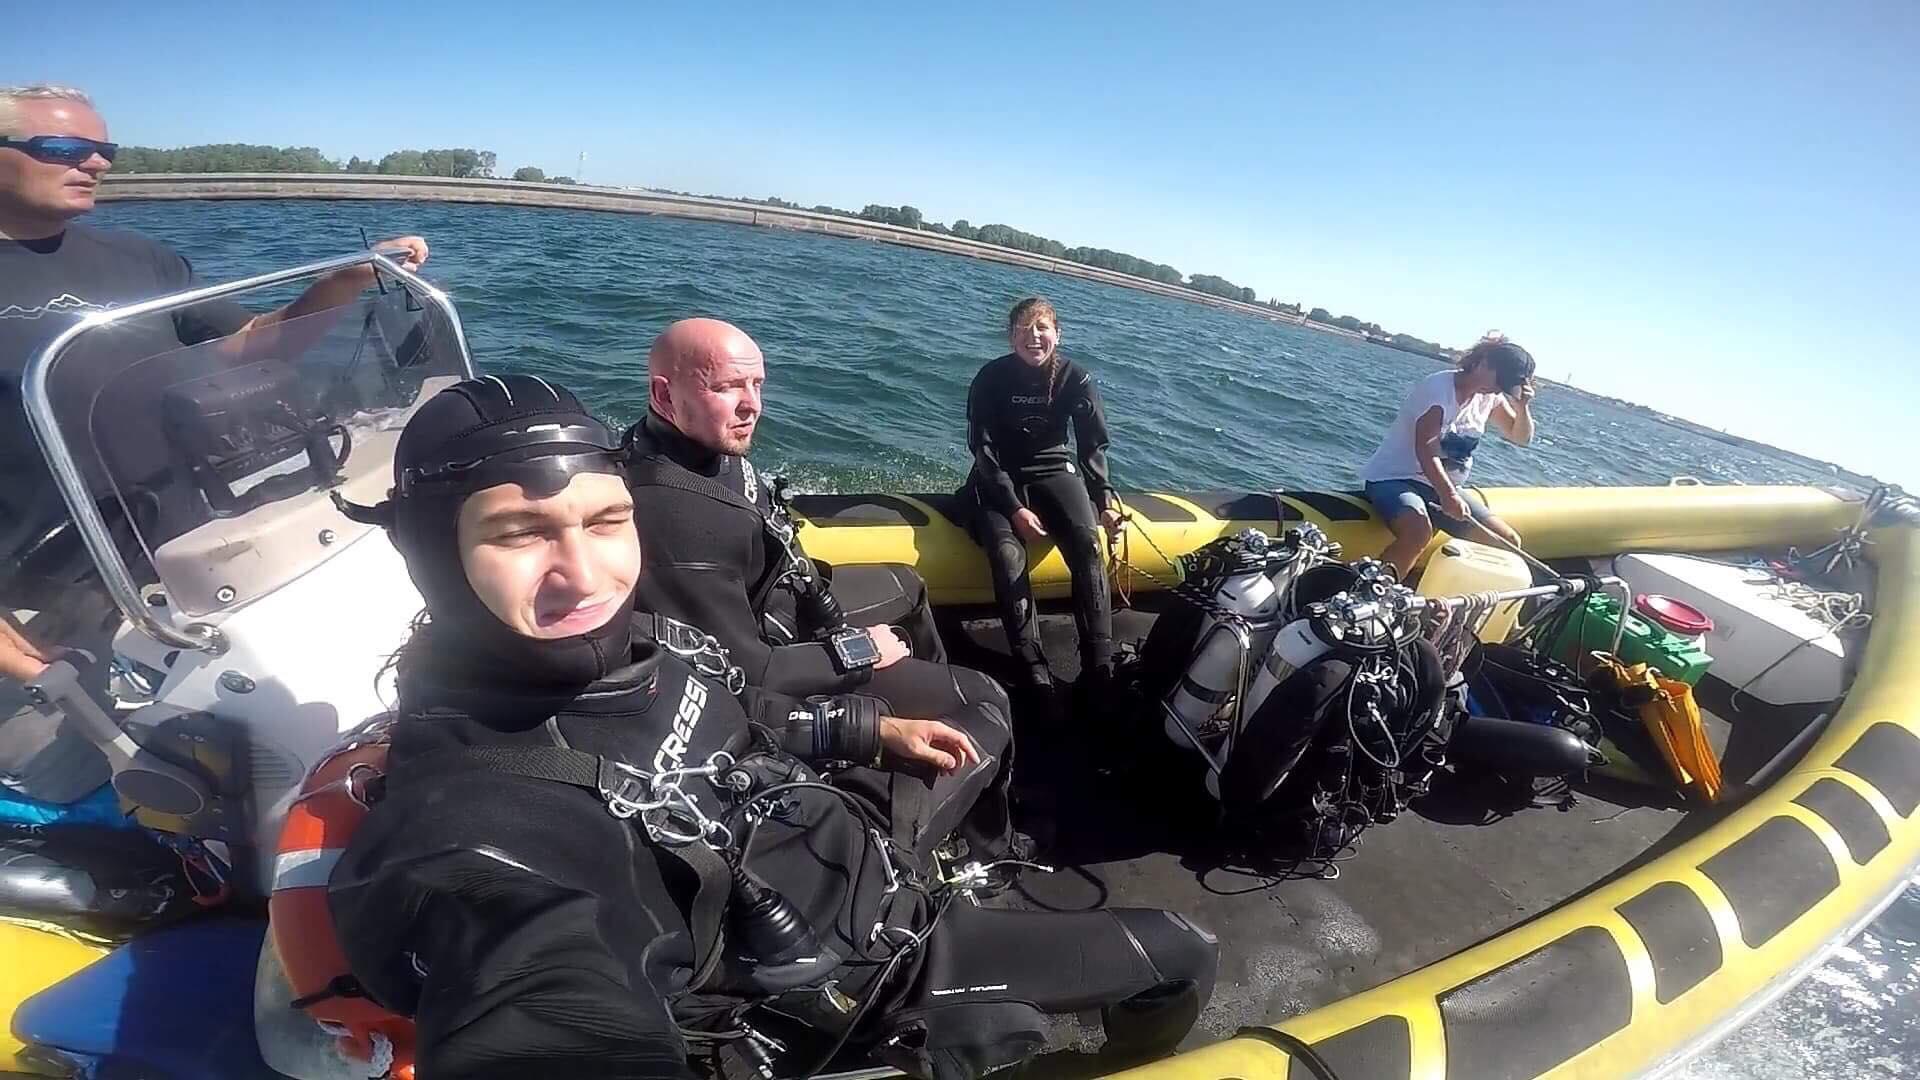 przygotowanie do nurkowania